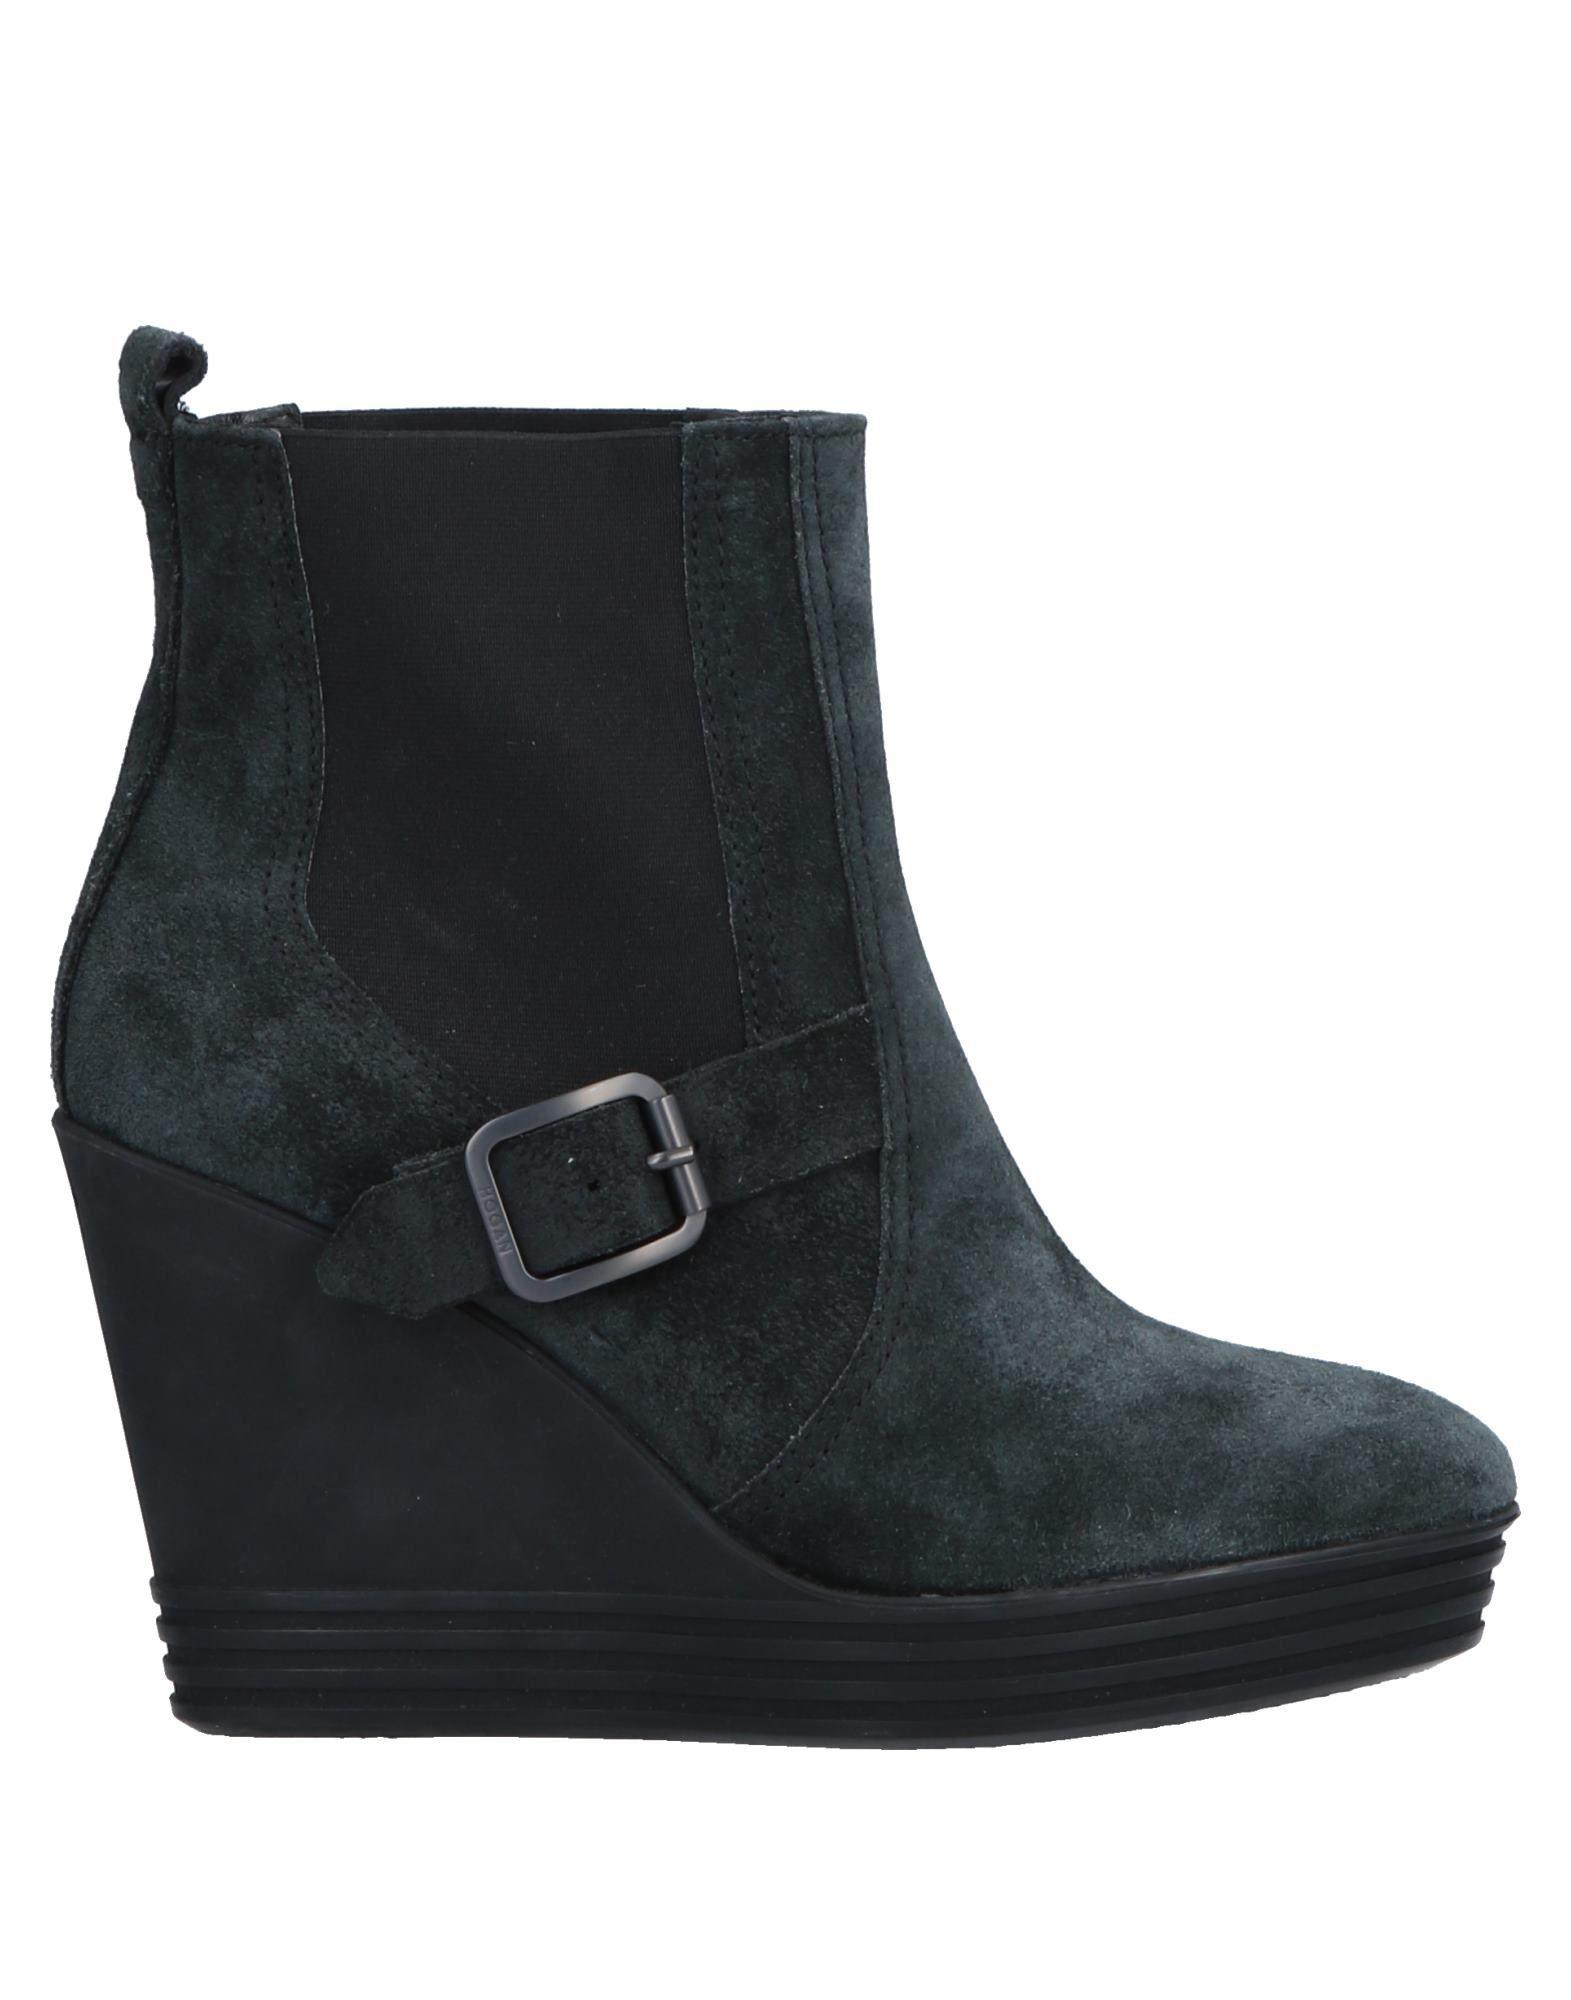 Sneakers Diemme Uomo - 11507278GM Scarpe economiche e buone